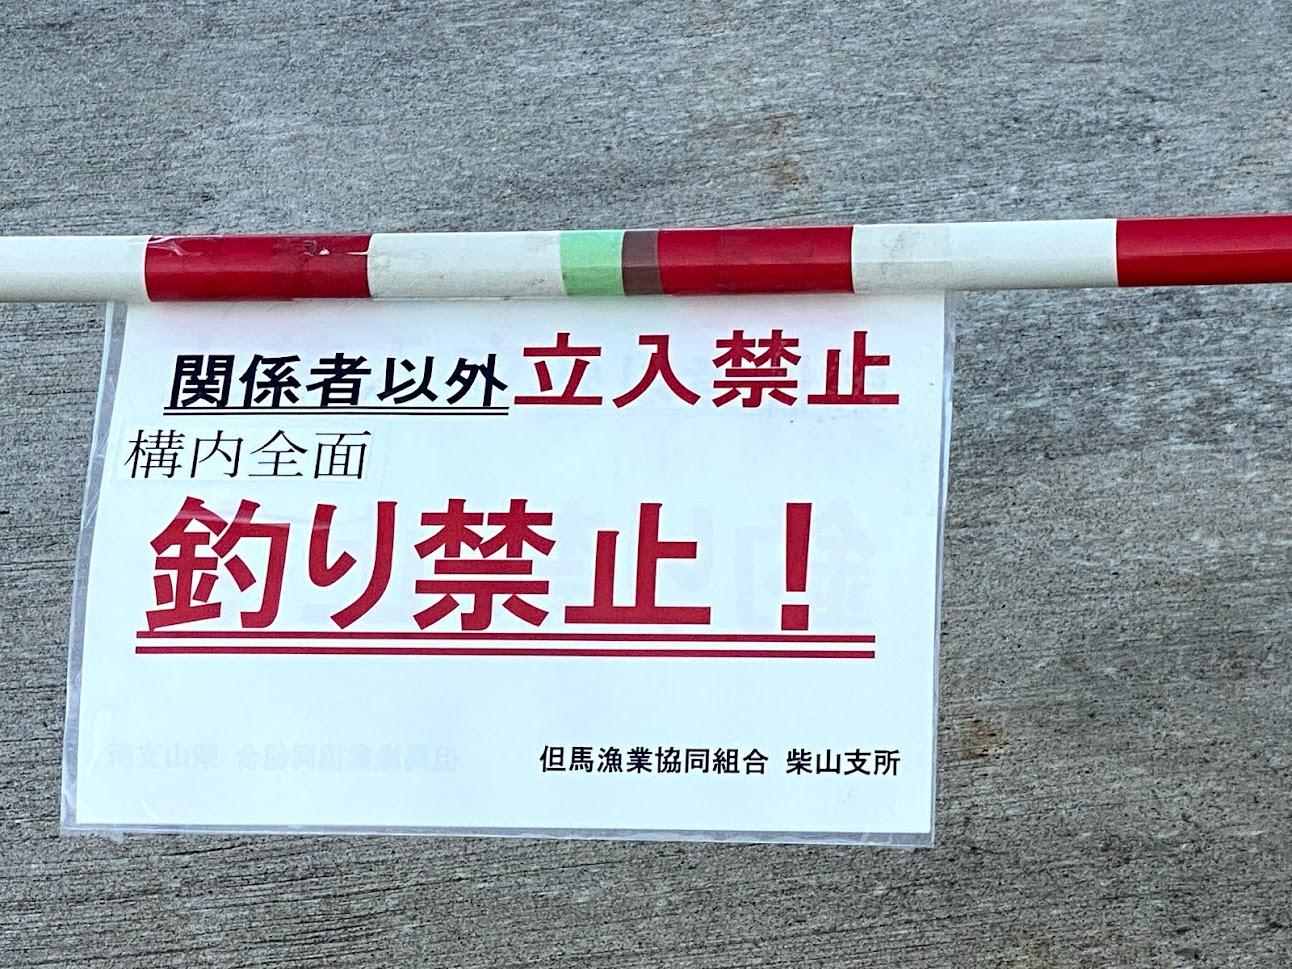 柴山港内釣り禁止